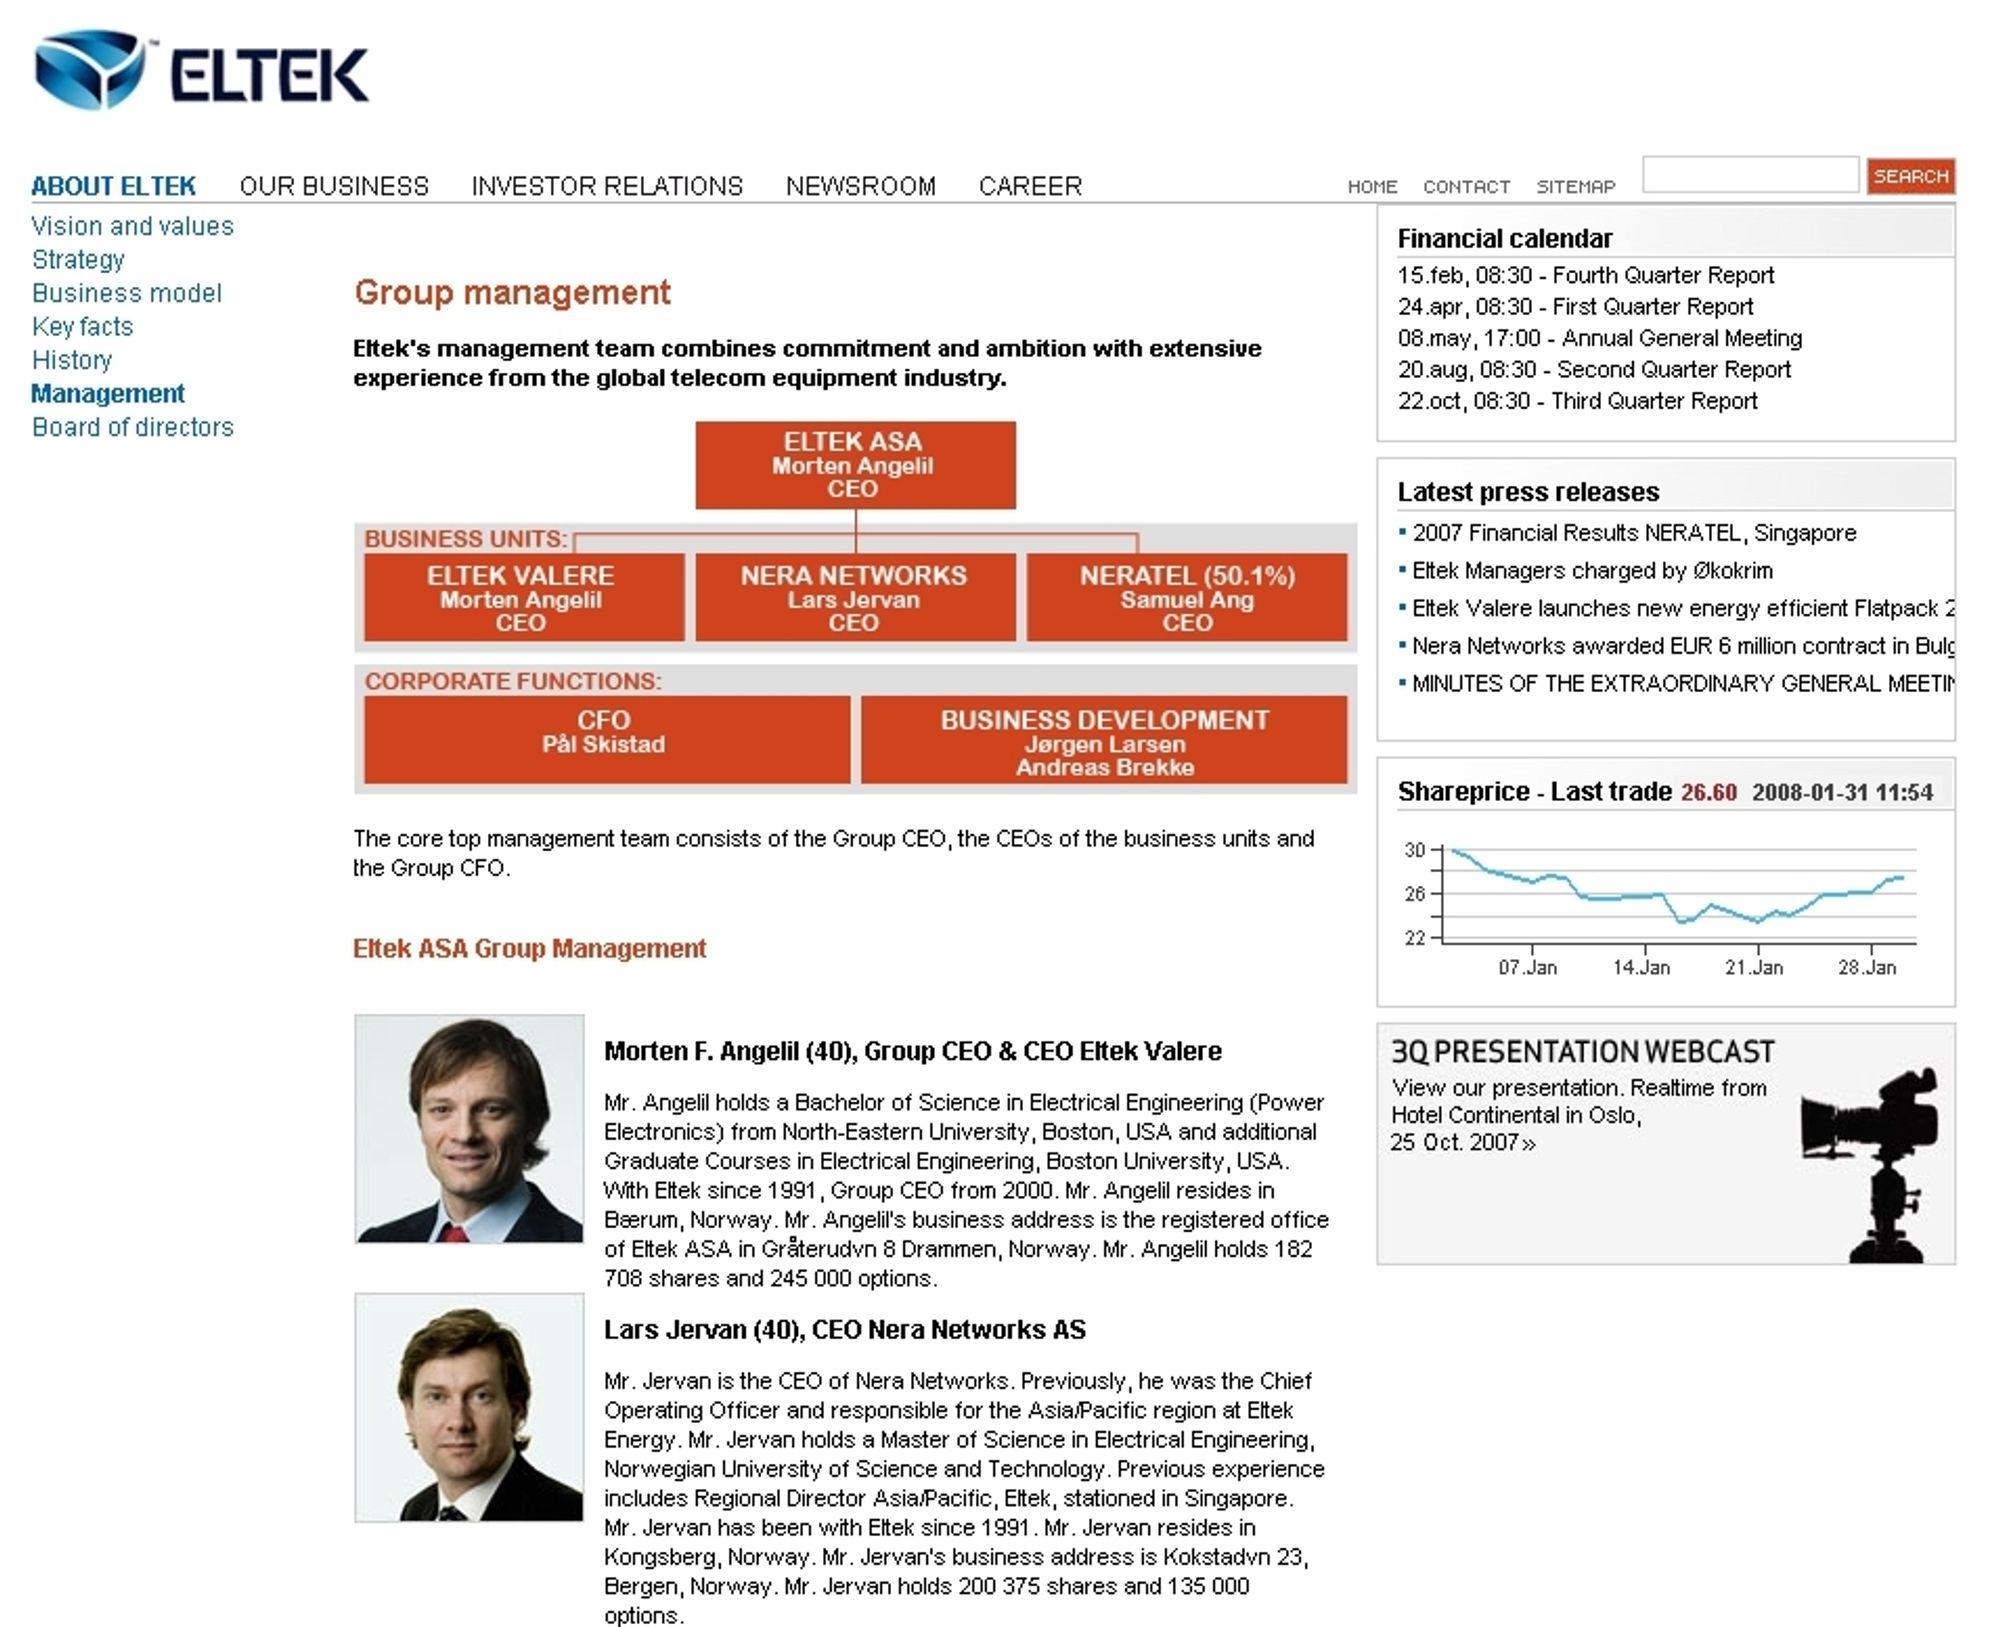 TOPPENE: Morten Angelli og Lars Jervan presenteres på Elteks hjemmesider sammen med resten av ledelsen.